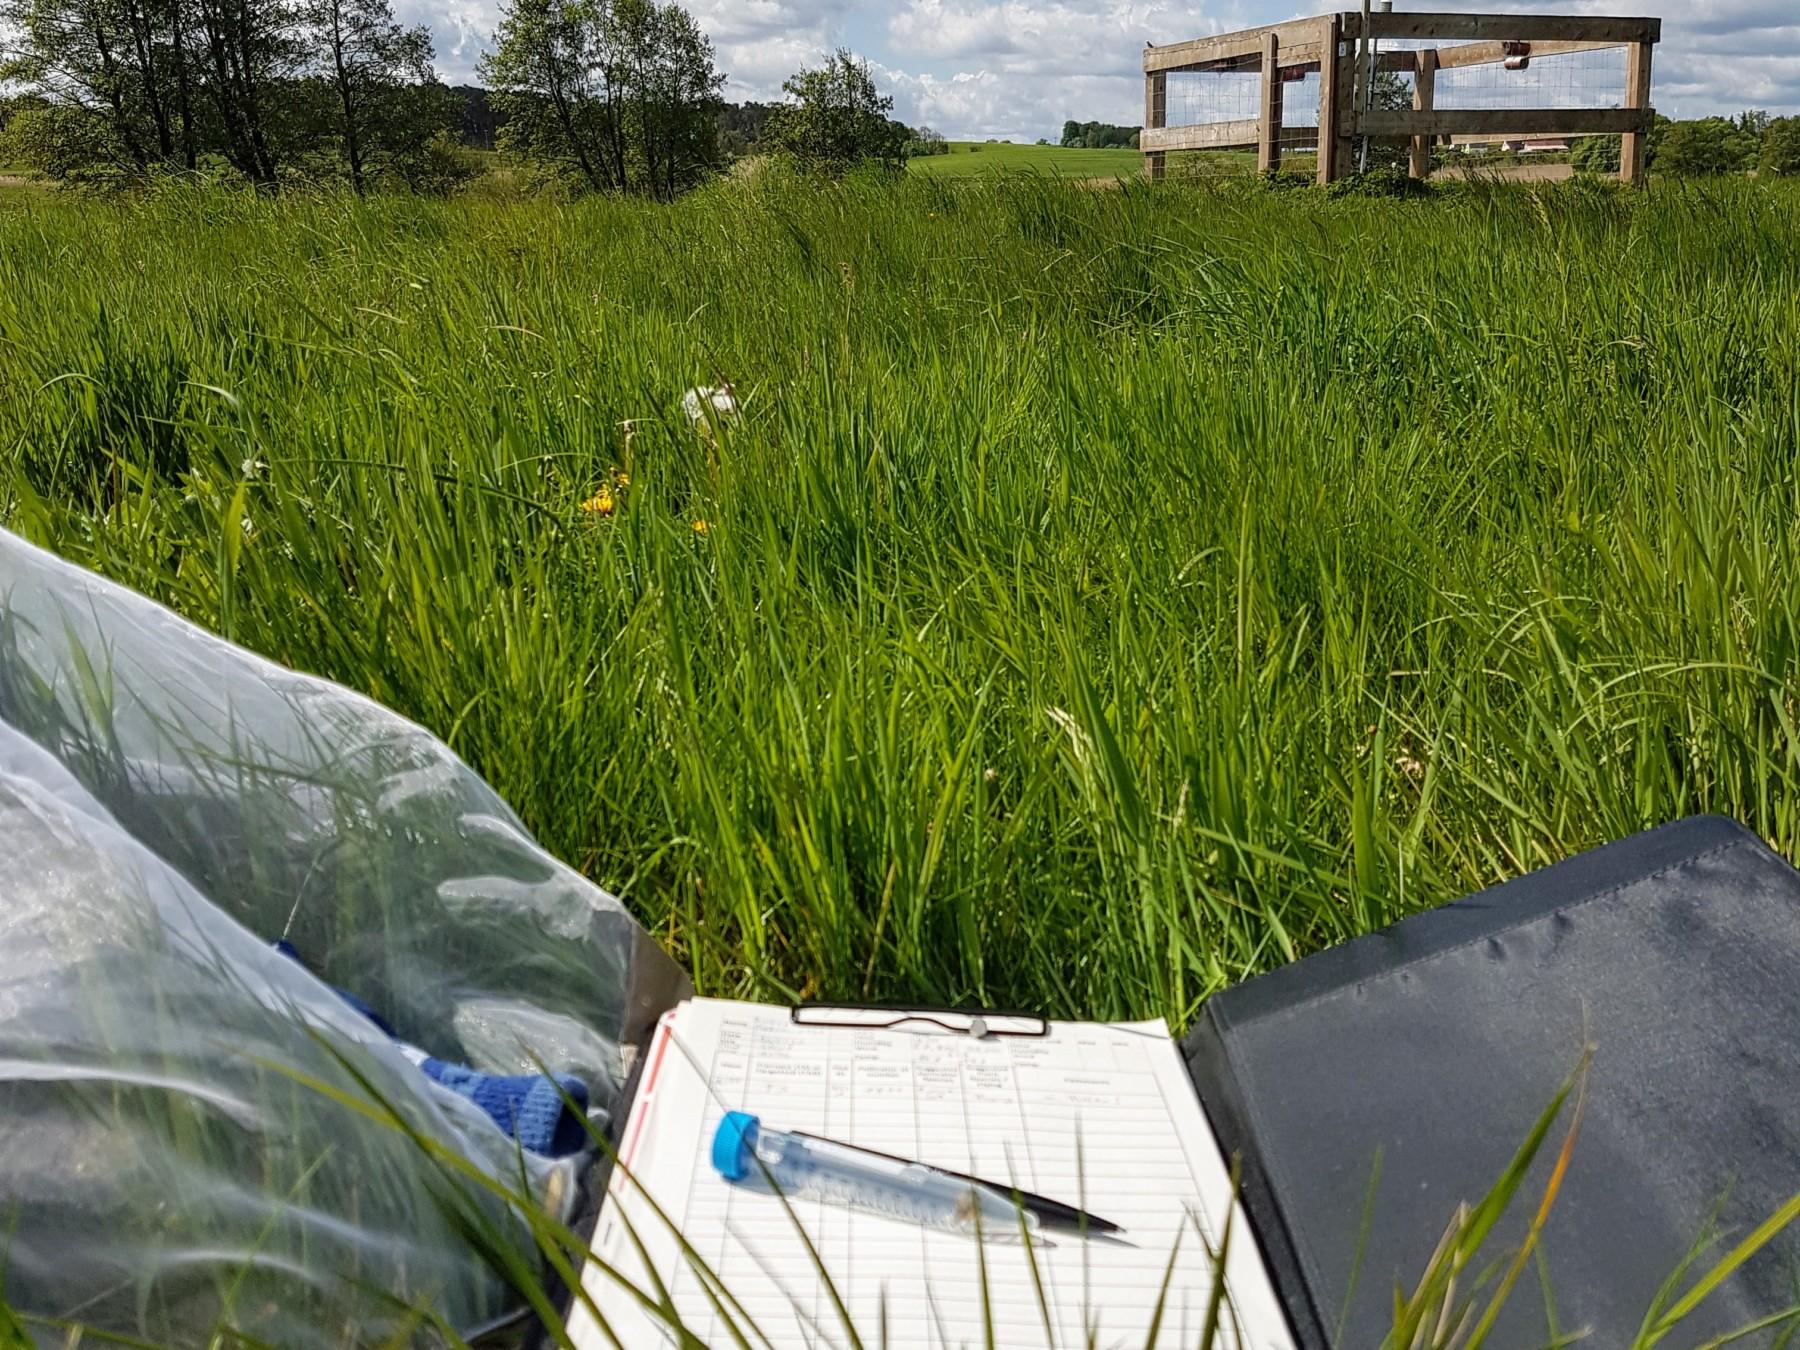 Wiese, im Hintergrund eine Klima-Station, im Vordergrund ein Klemmbrett mit Stift und Probenröhrchen